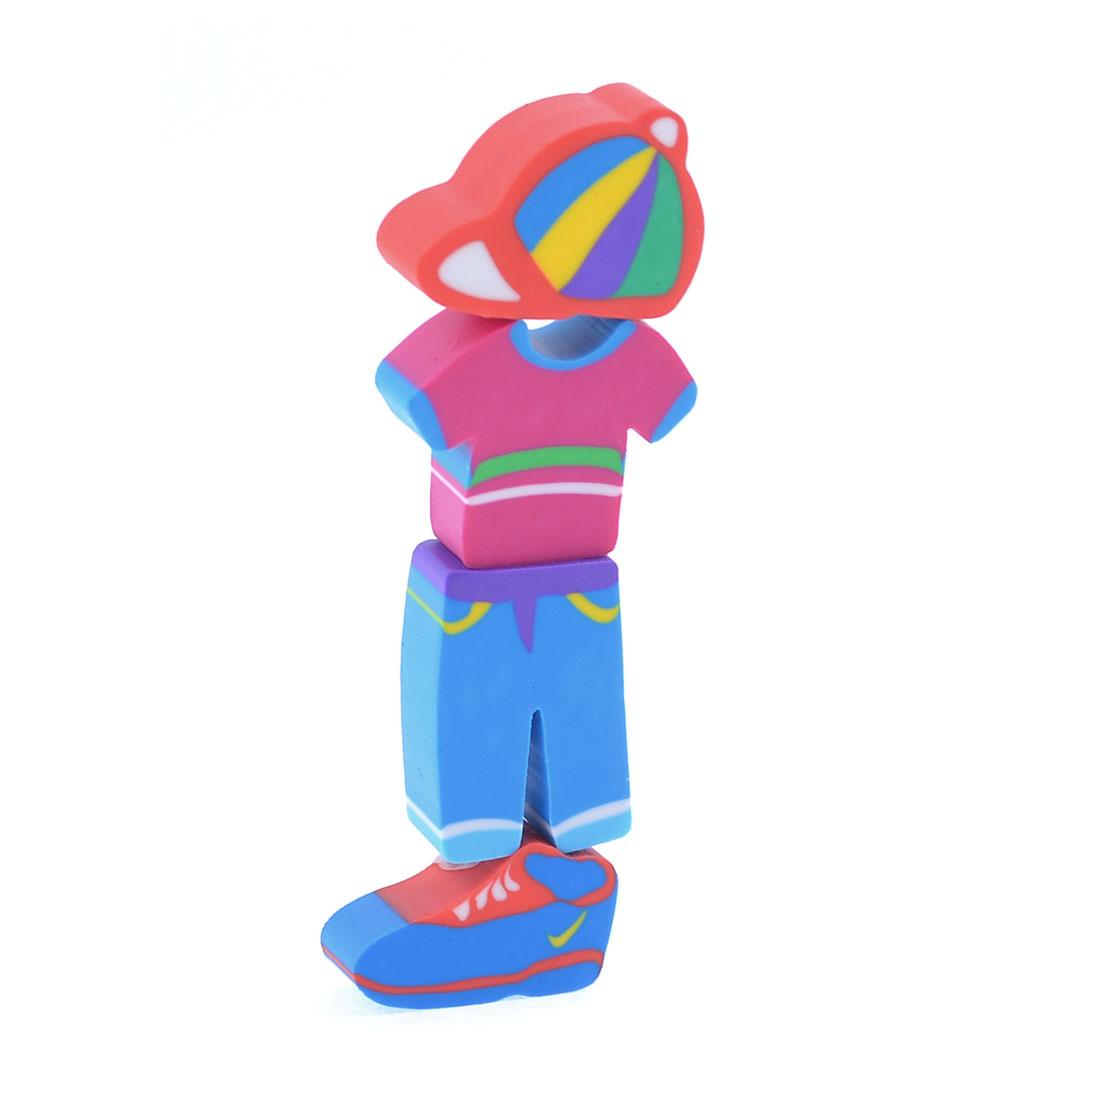 4 Pcs Boy Clothing Set Hat Shoes Shaped Eraser for Children